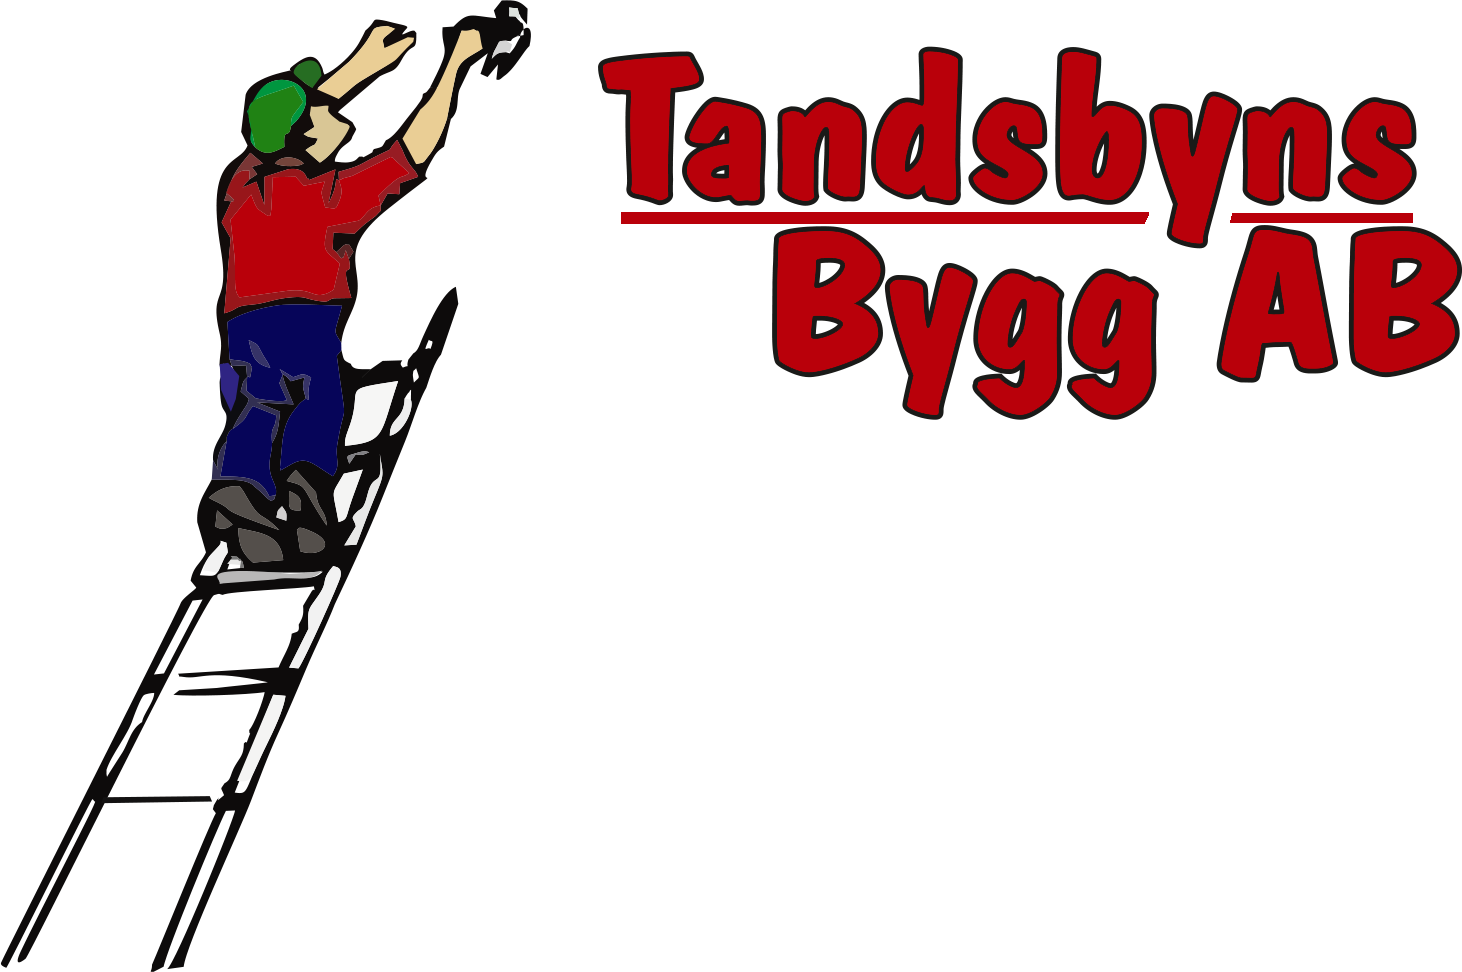 Tandsbyns Bygg AB